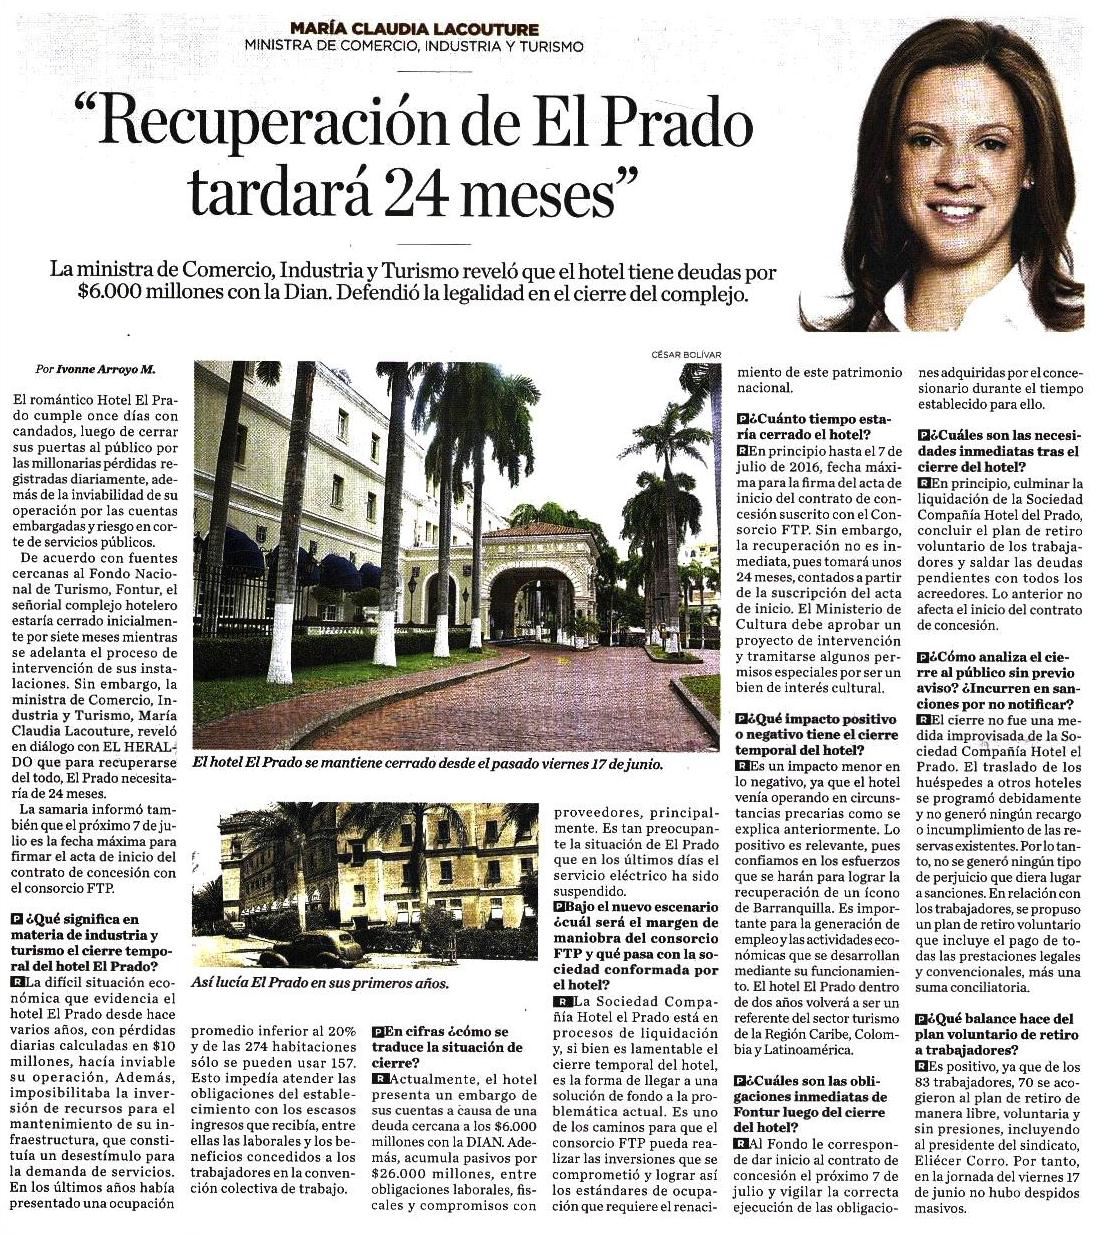 Recuperación de El Prado tomará 24 meses